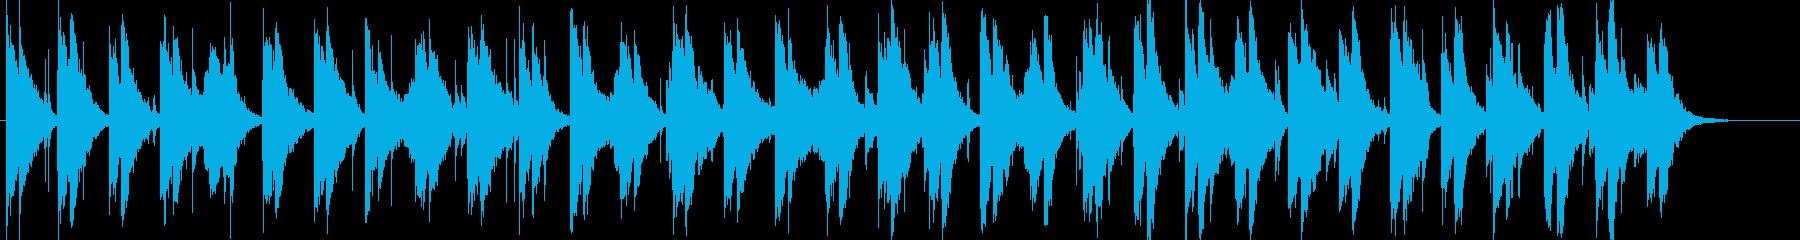 ピアノ音と浮遊感と切なさの再生済みの波形